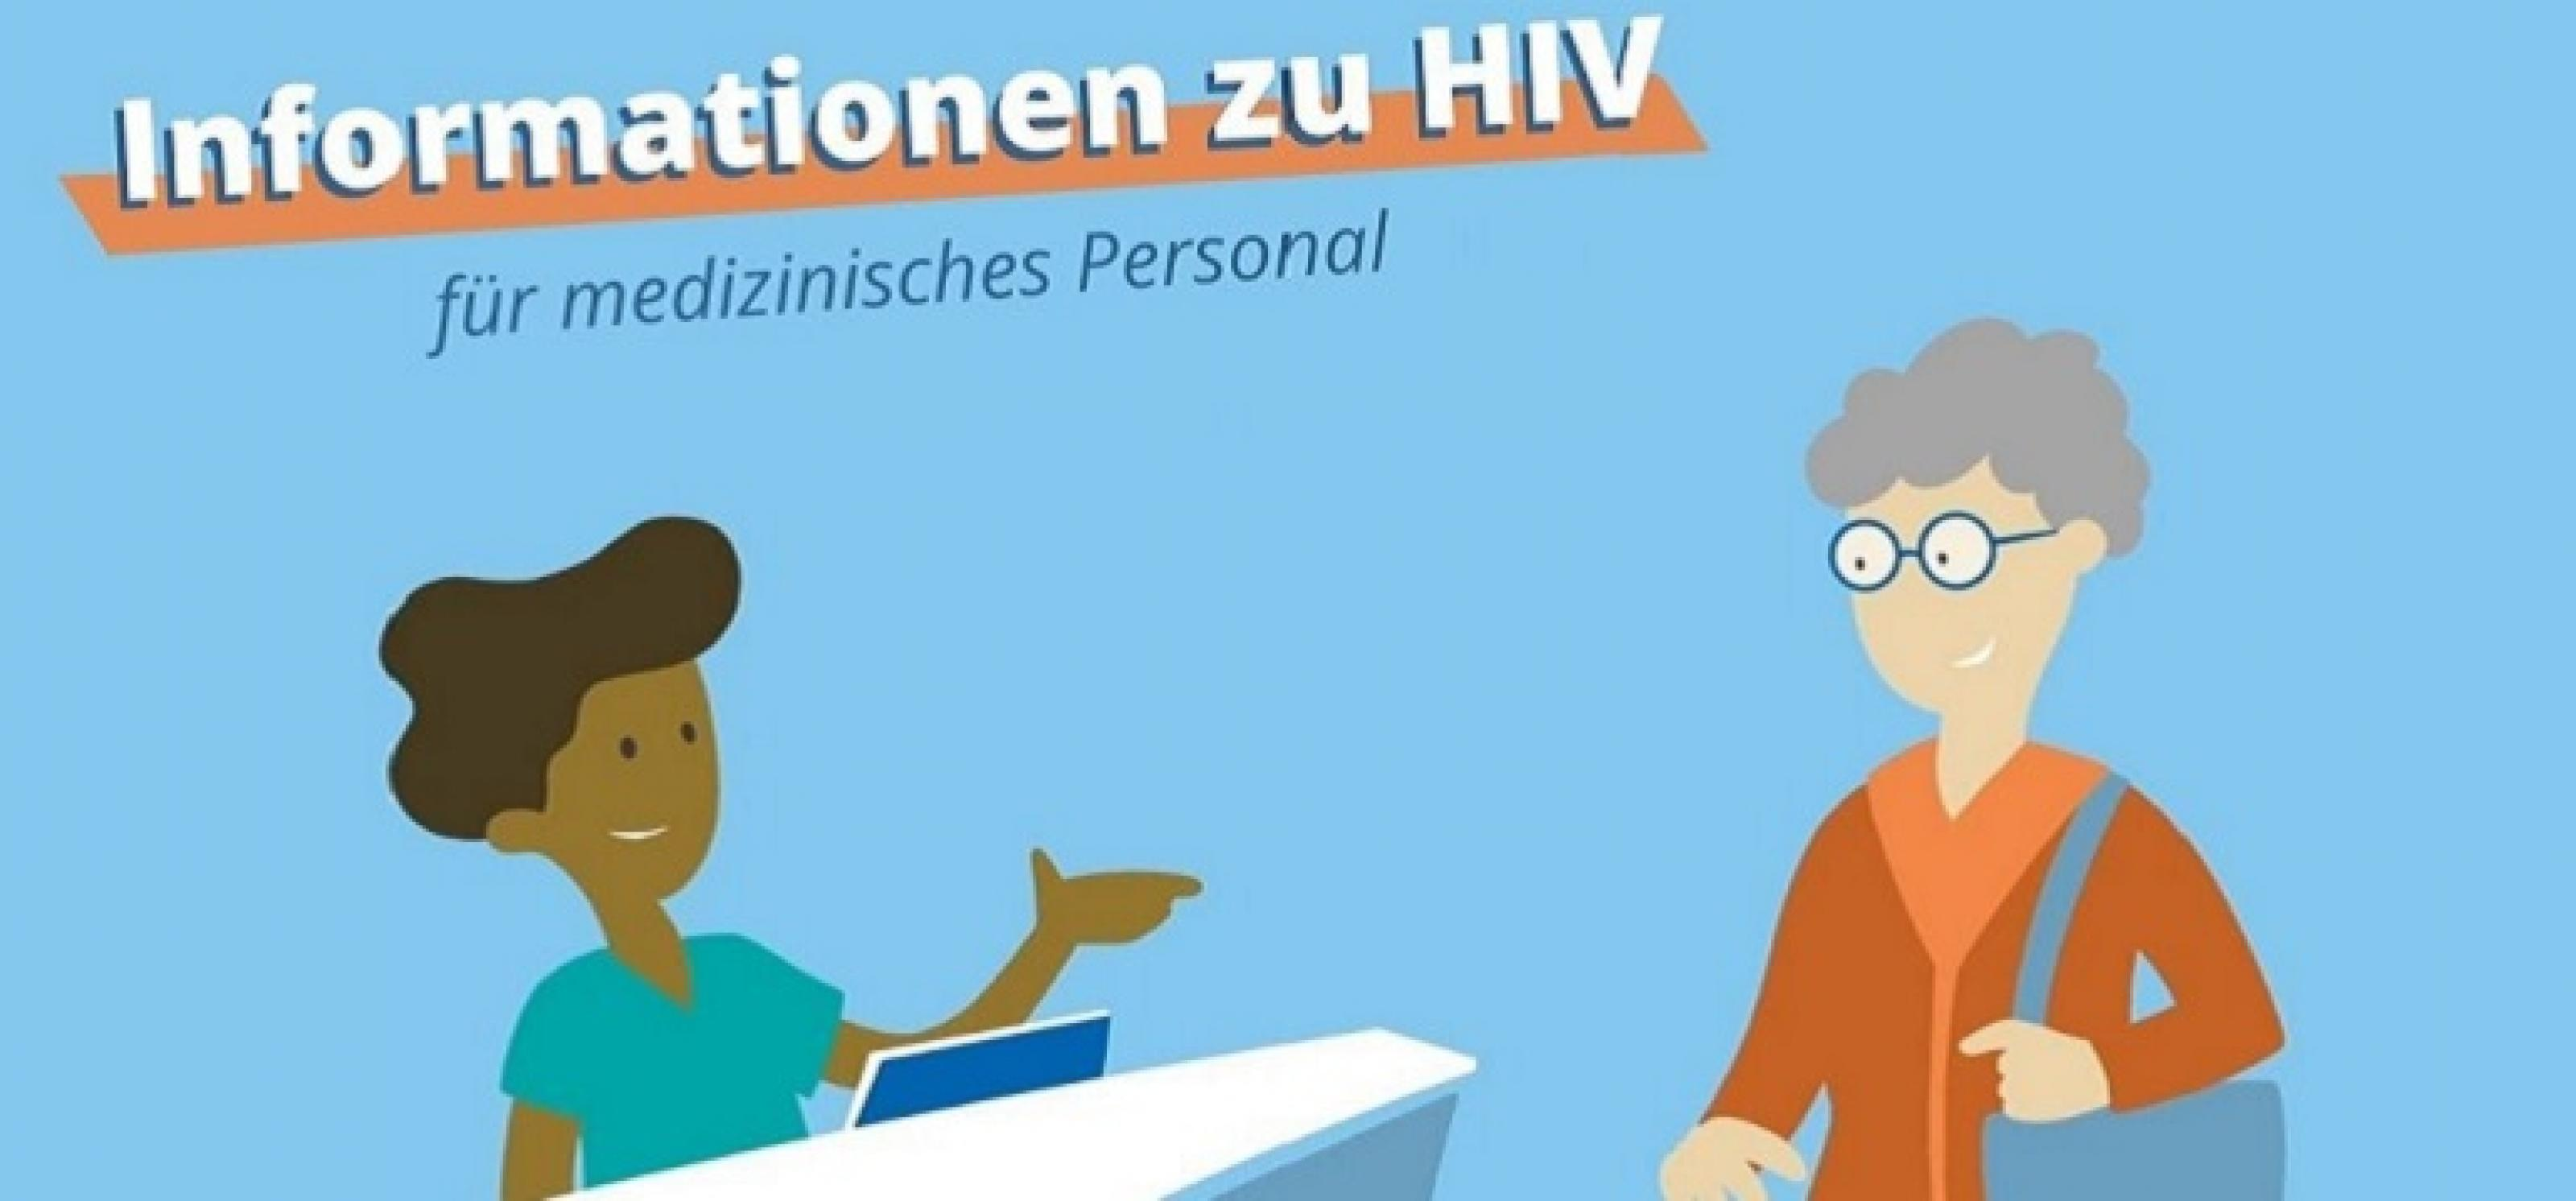 """Gezeichnetes Bild einer Patientin, die in einer Arztpraxis am Empfang steht, darüber der Text """"Informationen zu HIV für medizinisches Personal"""""""